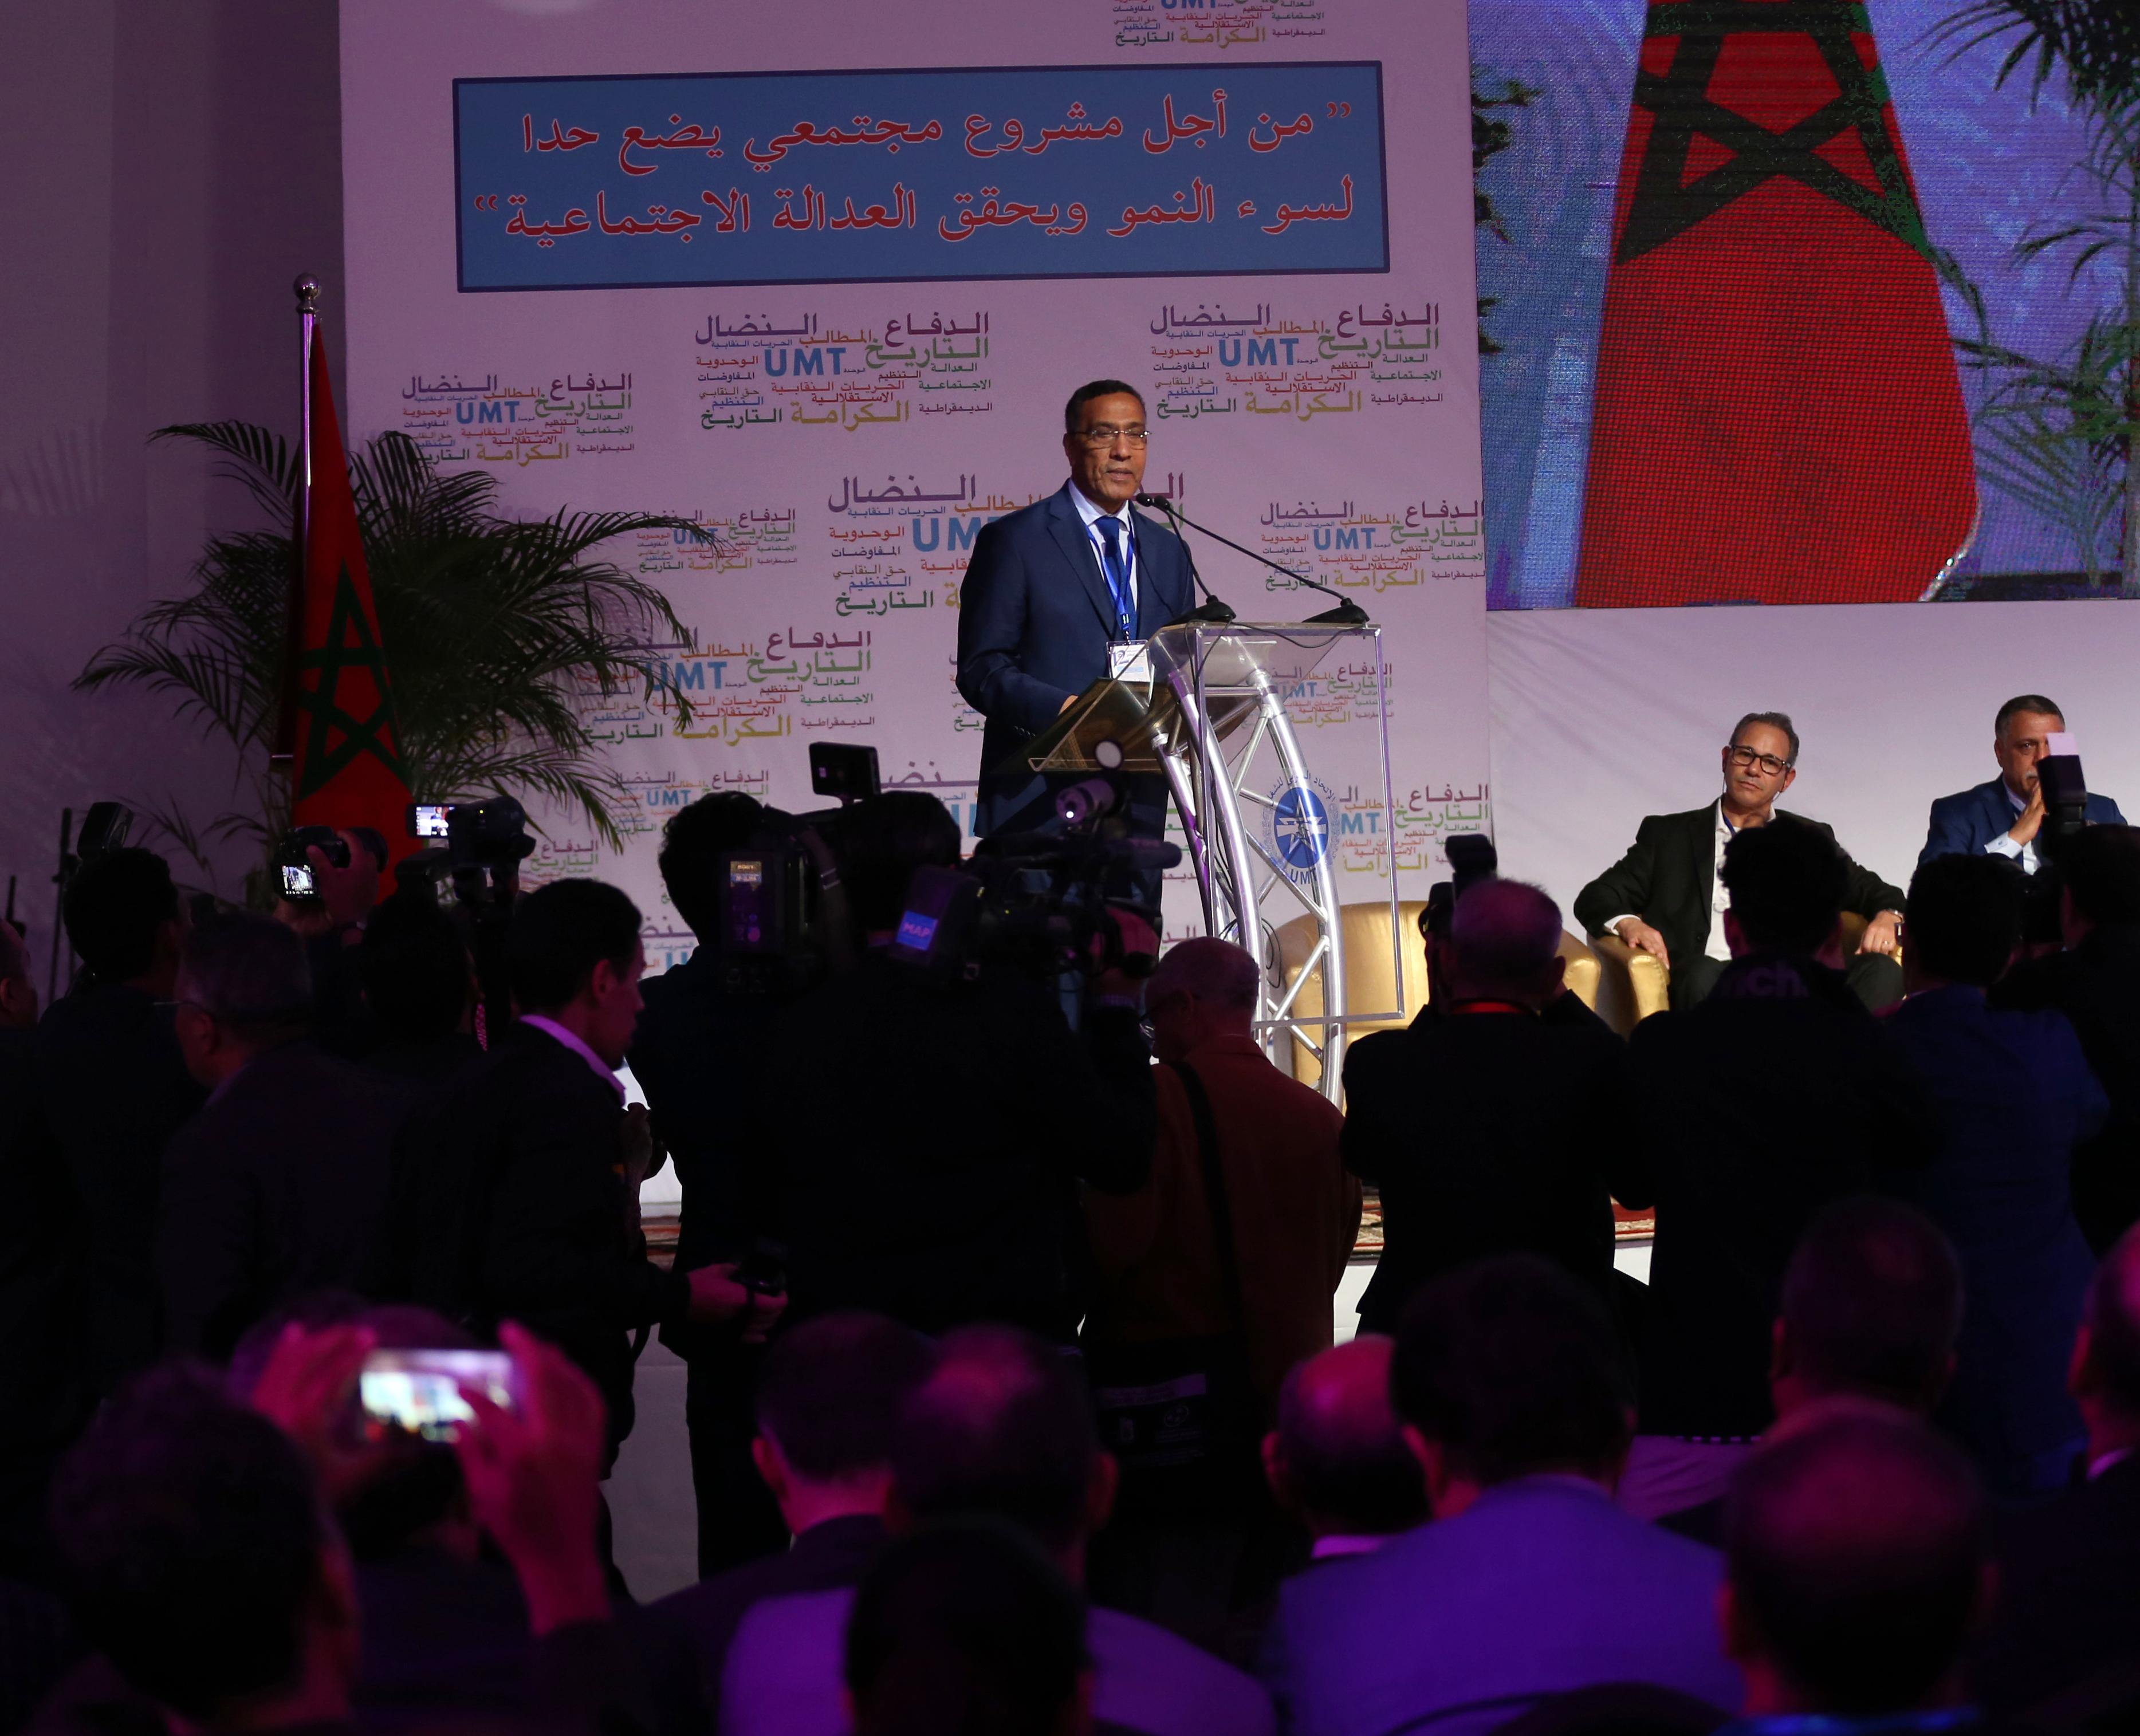 الدار البيضاء..انطلاق أشغال الجامعة الصيفية للاتحاد المغربي للشغل